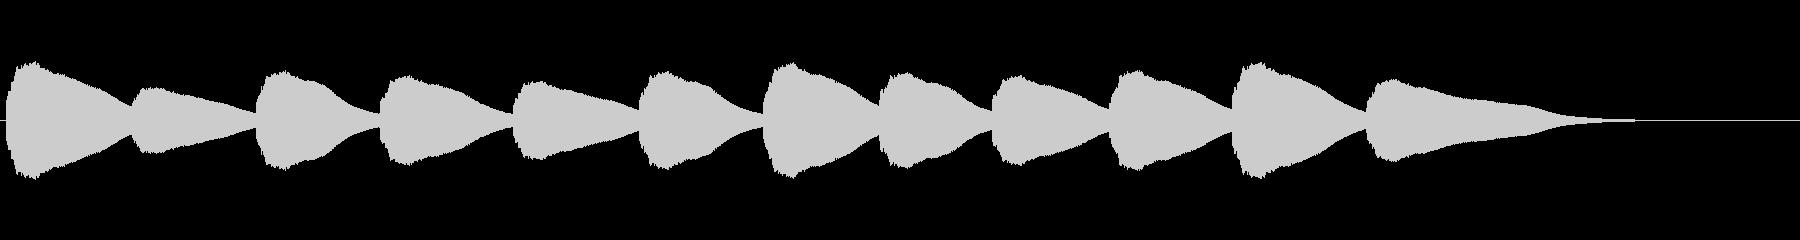 【鐘の音_04】カーン/教会/12時の未再生の波形